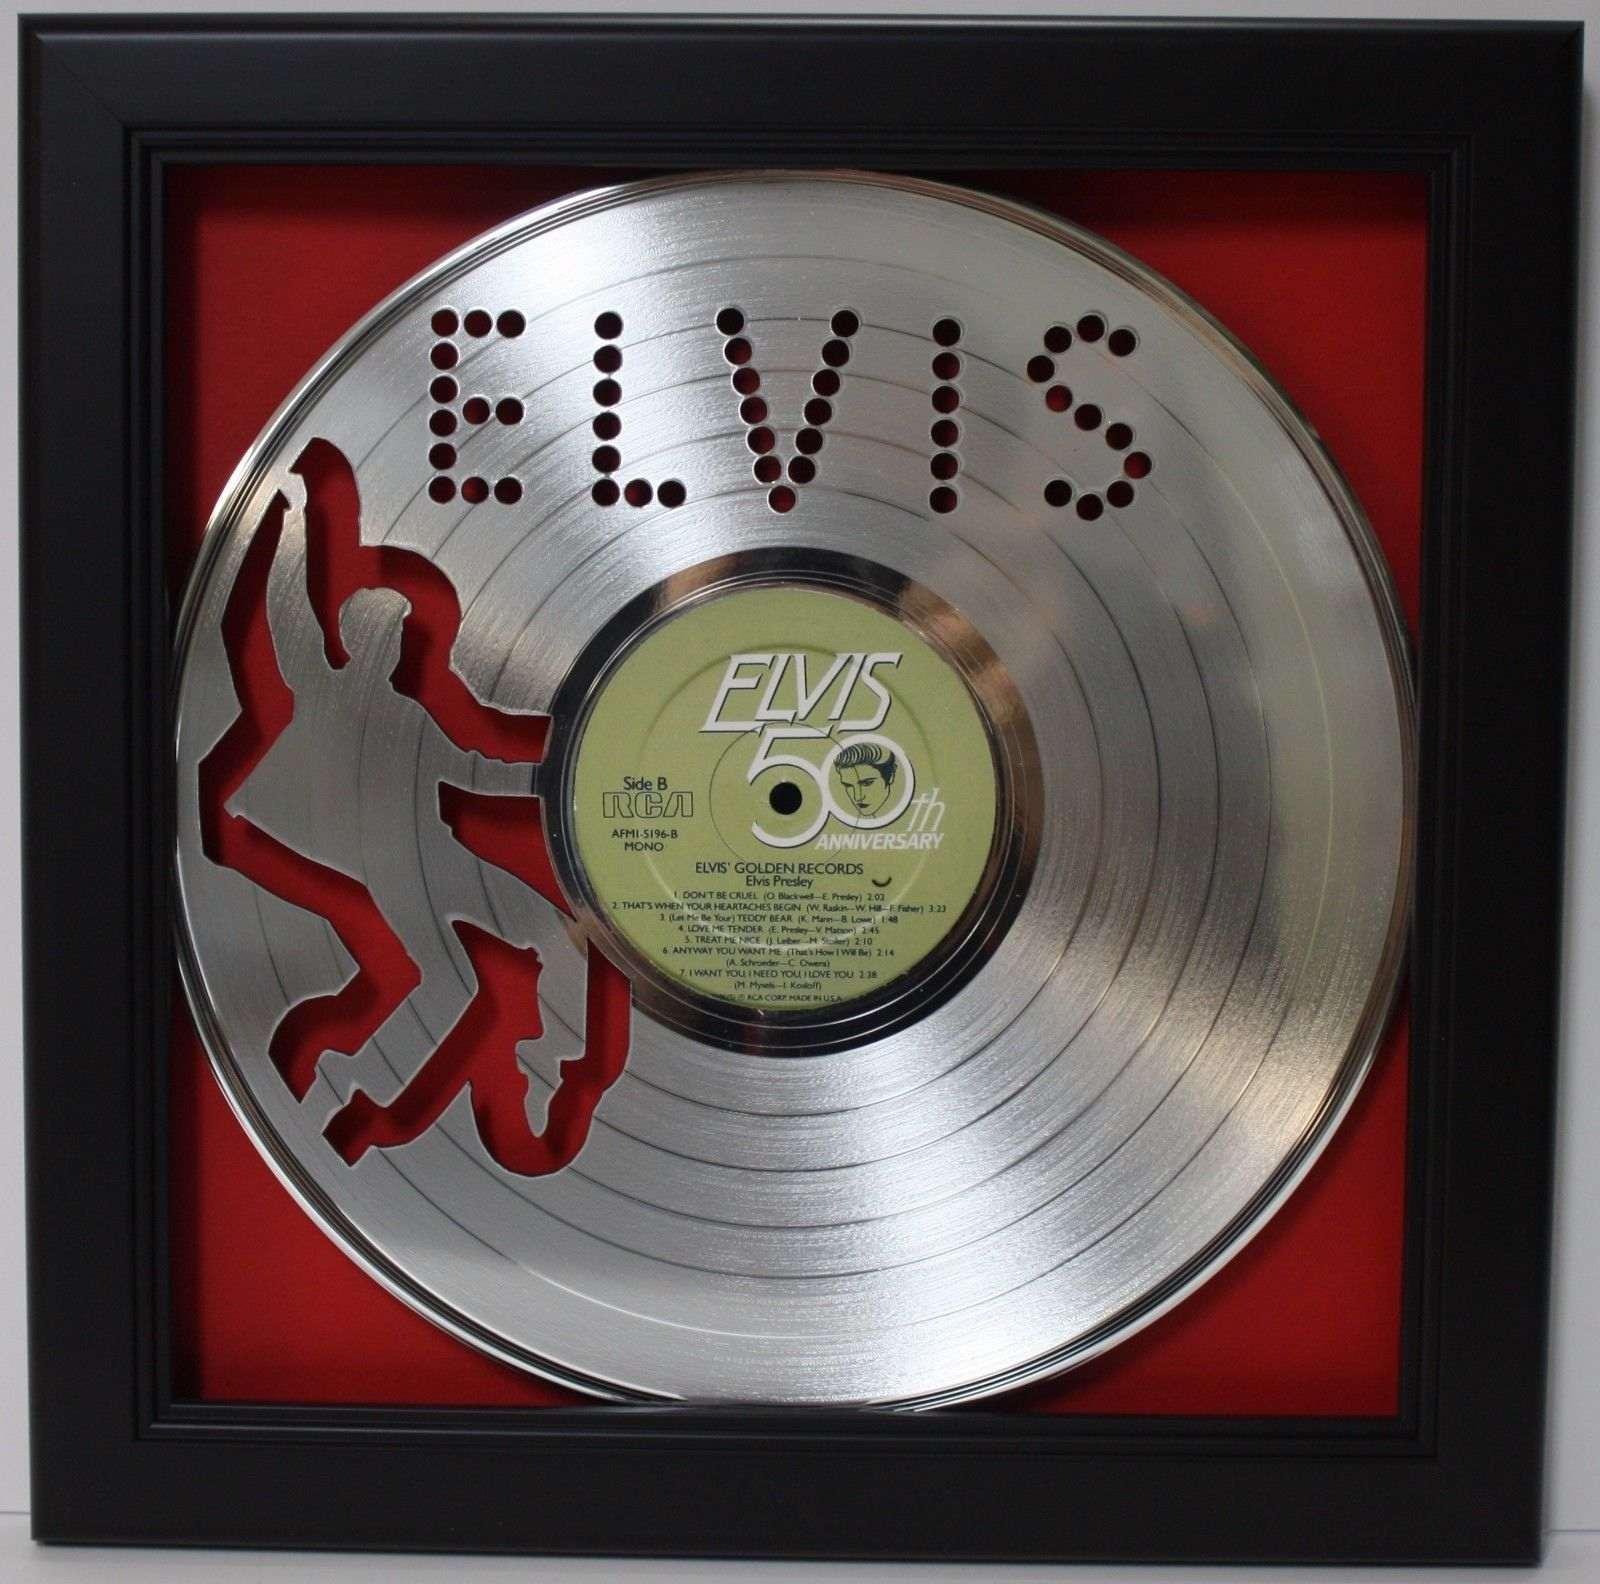 Elvis Presley 2 Framed Laser Cut Platinum Vinyl Record In